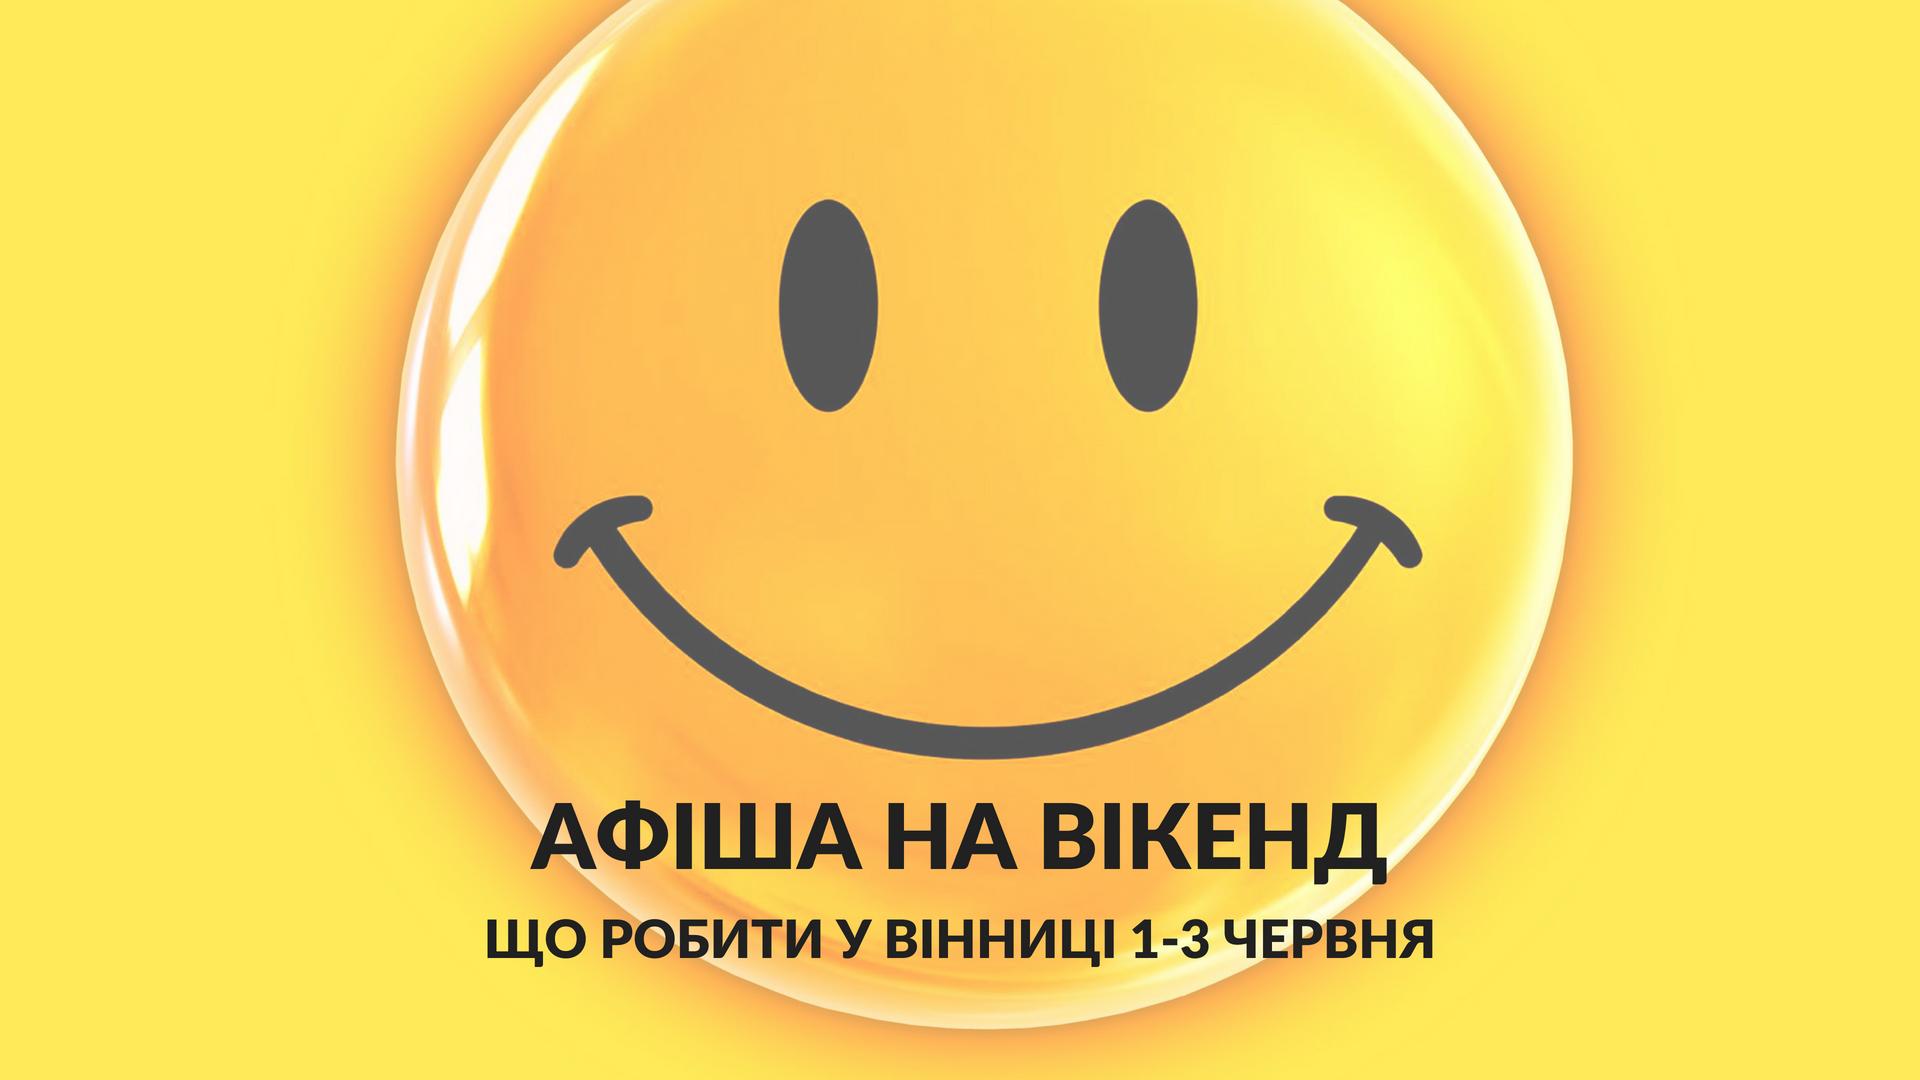 Що робити у Вінниці на вихідних: афіша на вікенд 1-3 червня